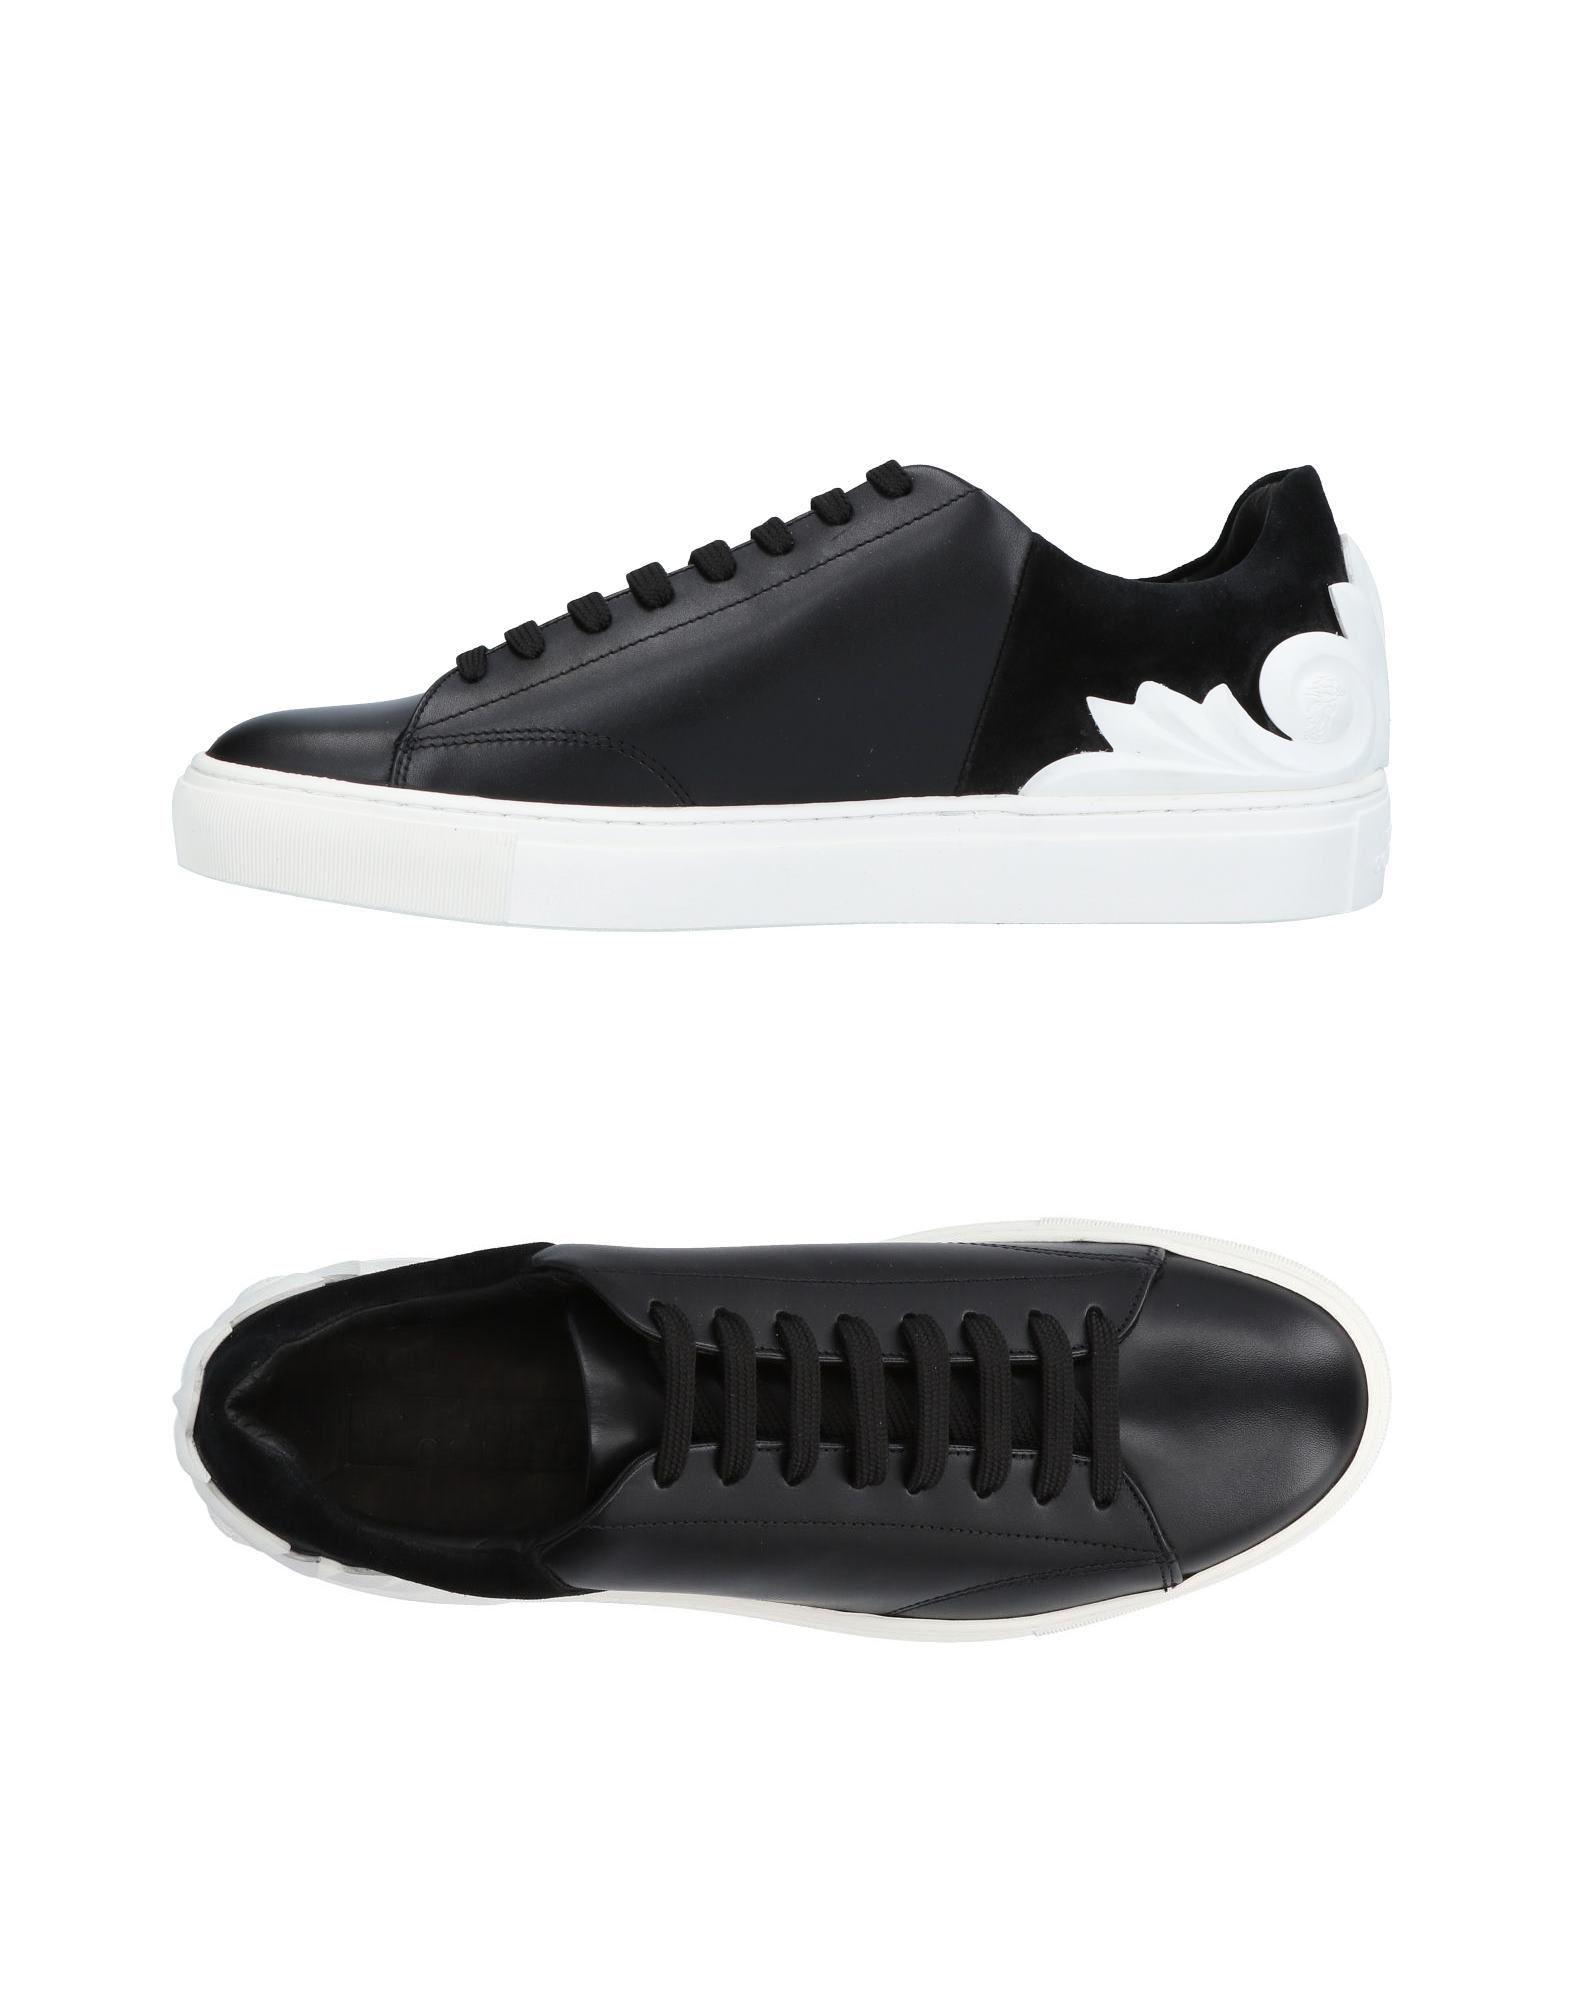 Versace Collection Sneakers Herren Preis-Leistungs-Verhältnis, Gutes Preis-Leistungs-Verhältnis, Herren es lohnt sich ccc9d1